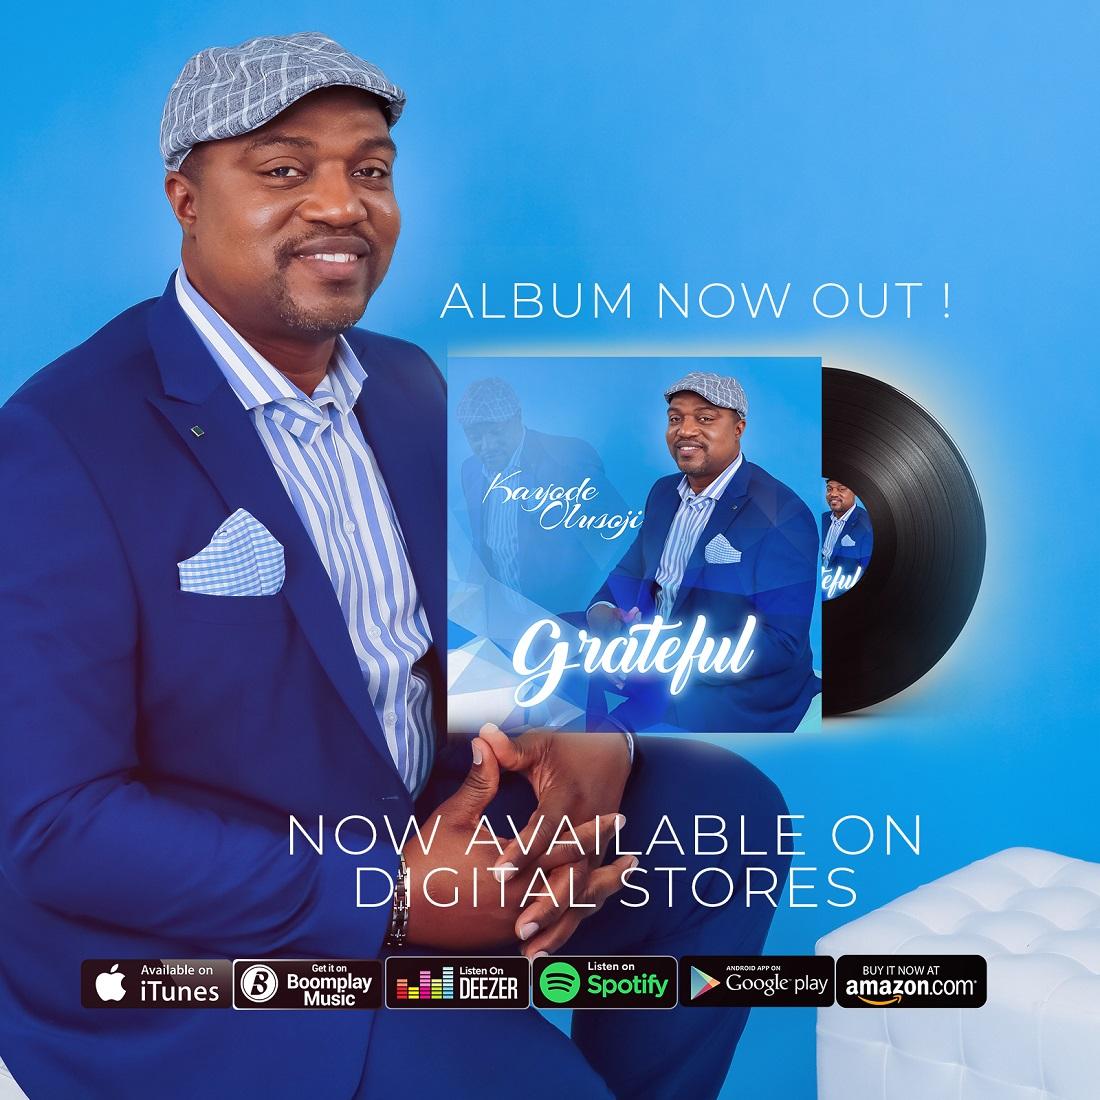 Grateful_Kayode_Olusoji_Woodclef